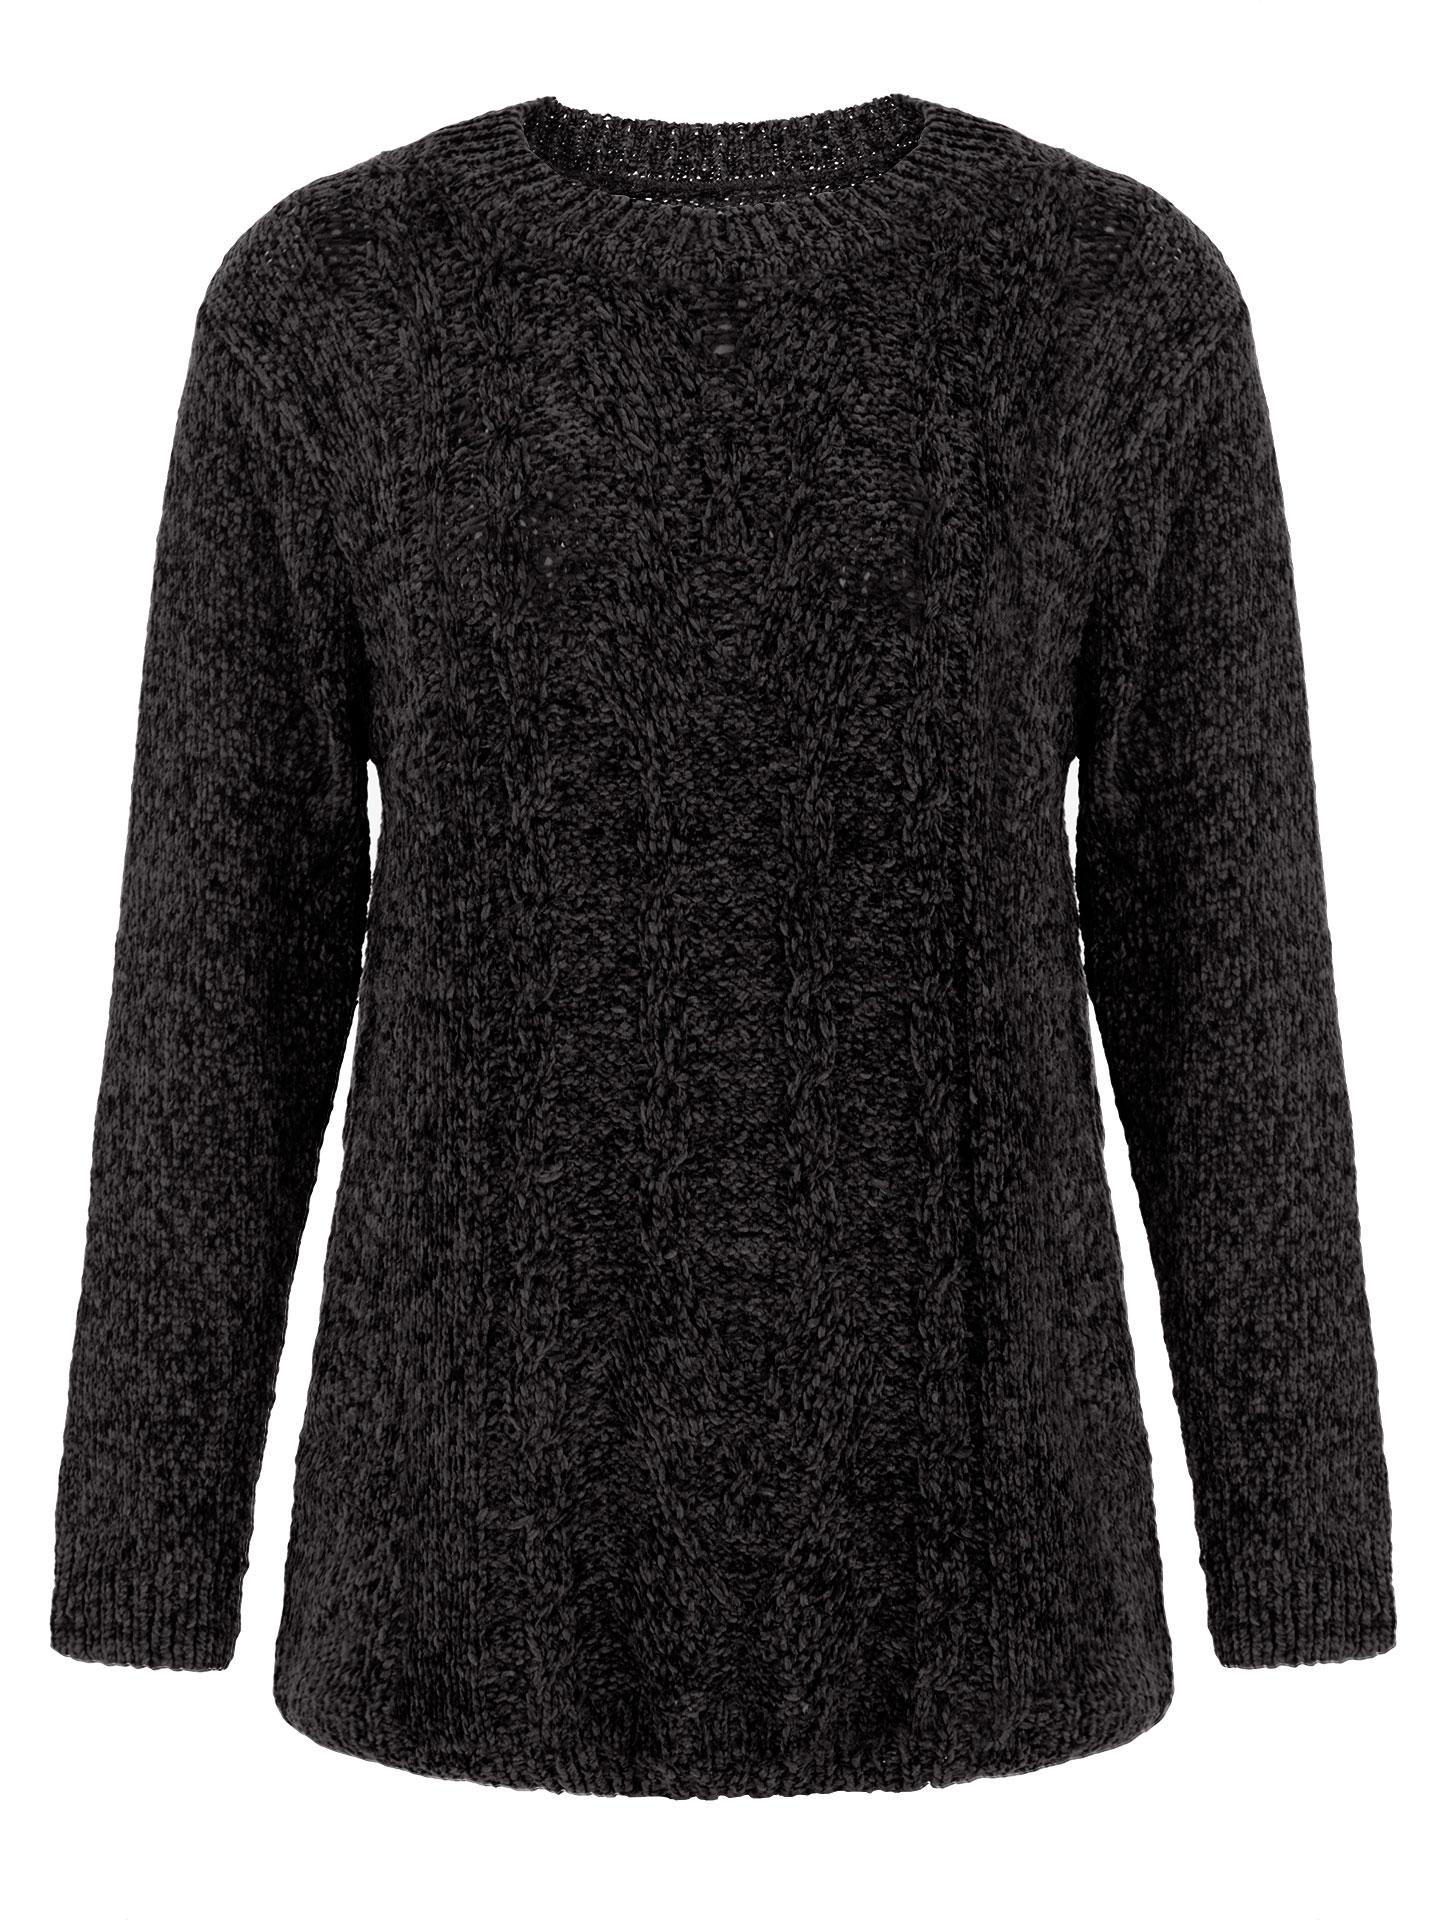 727946b359d0 Chenille πουλόβερ με σχέδιο σε μαυρο